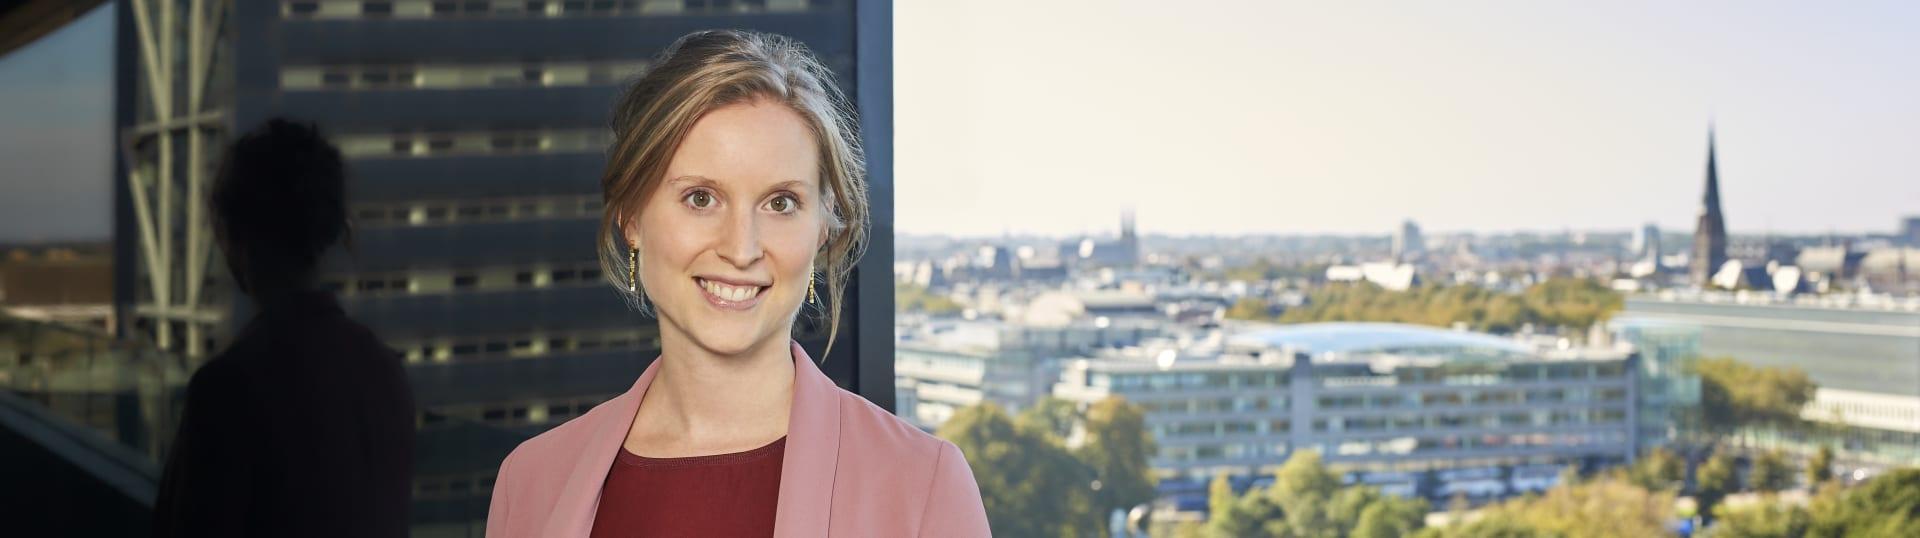 Anna van Gijssel, advocaat Pels Rijcken